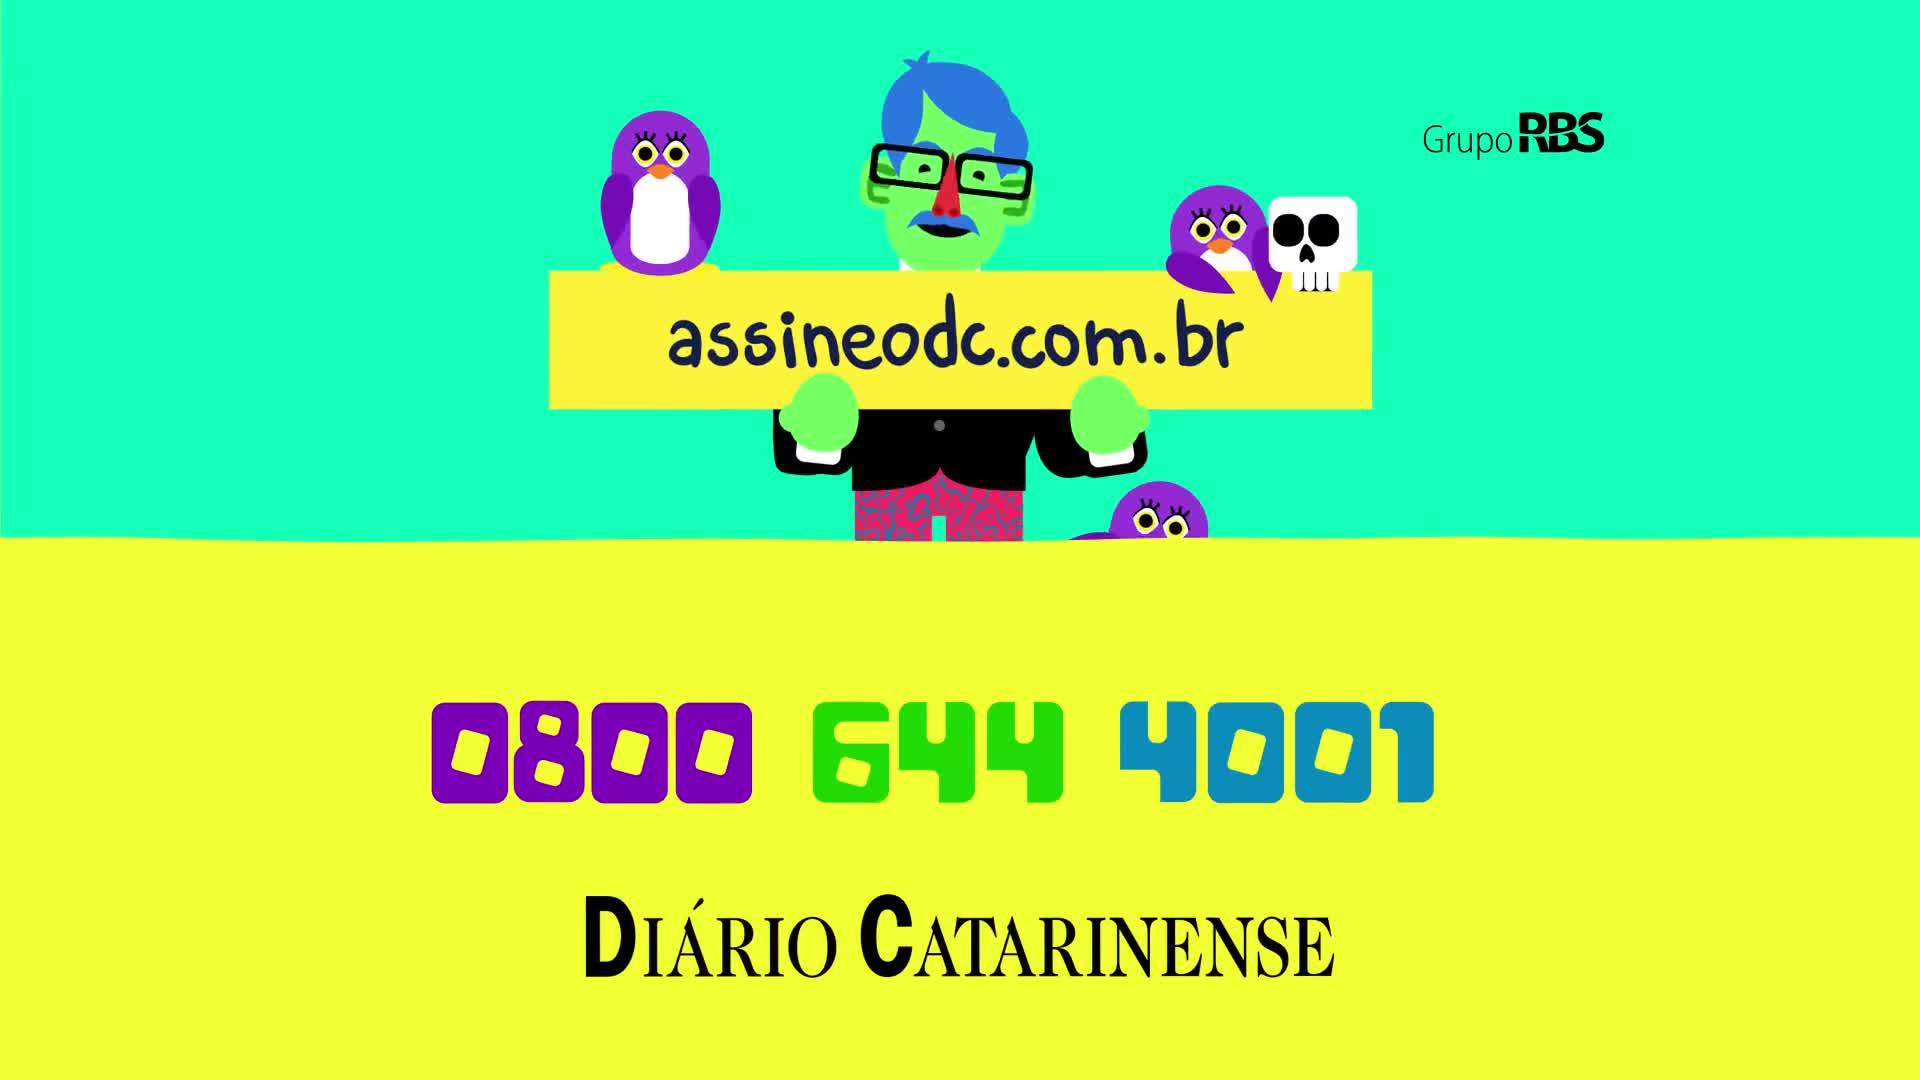 Campanha de verão - Diário Catarinense